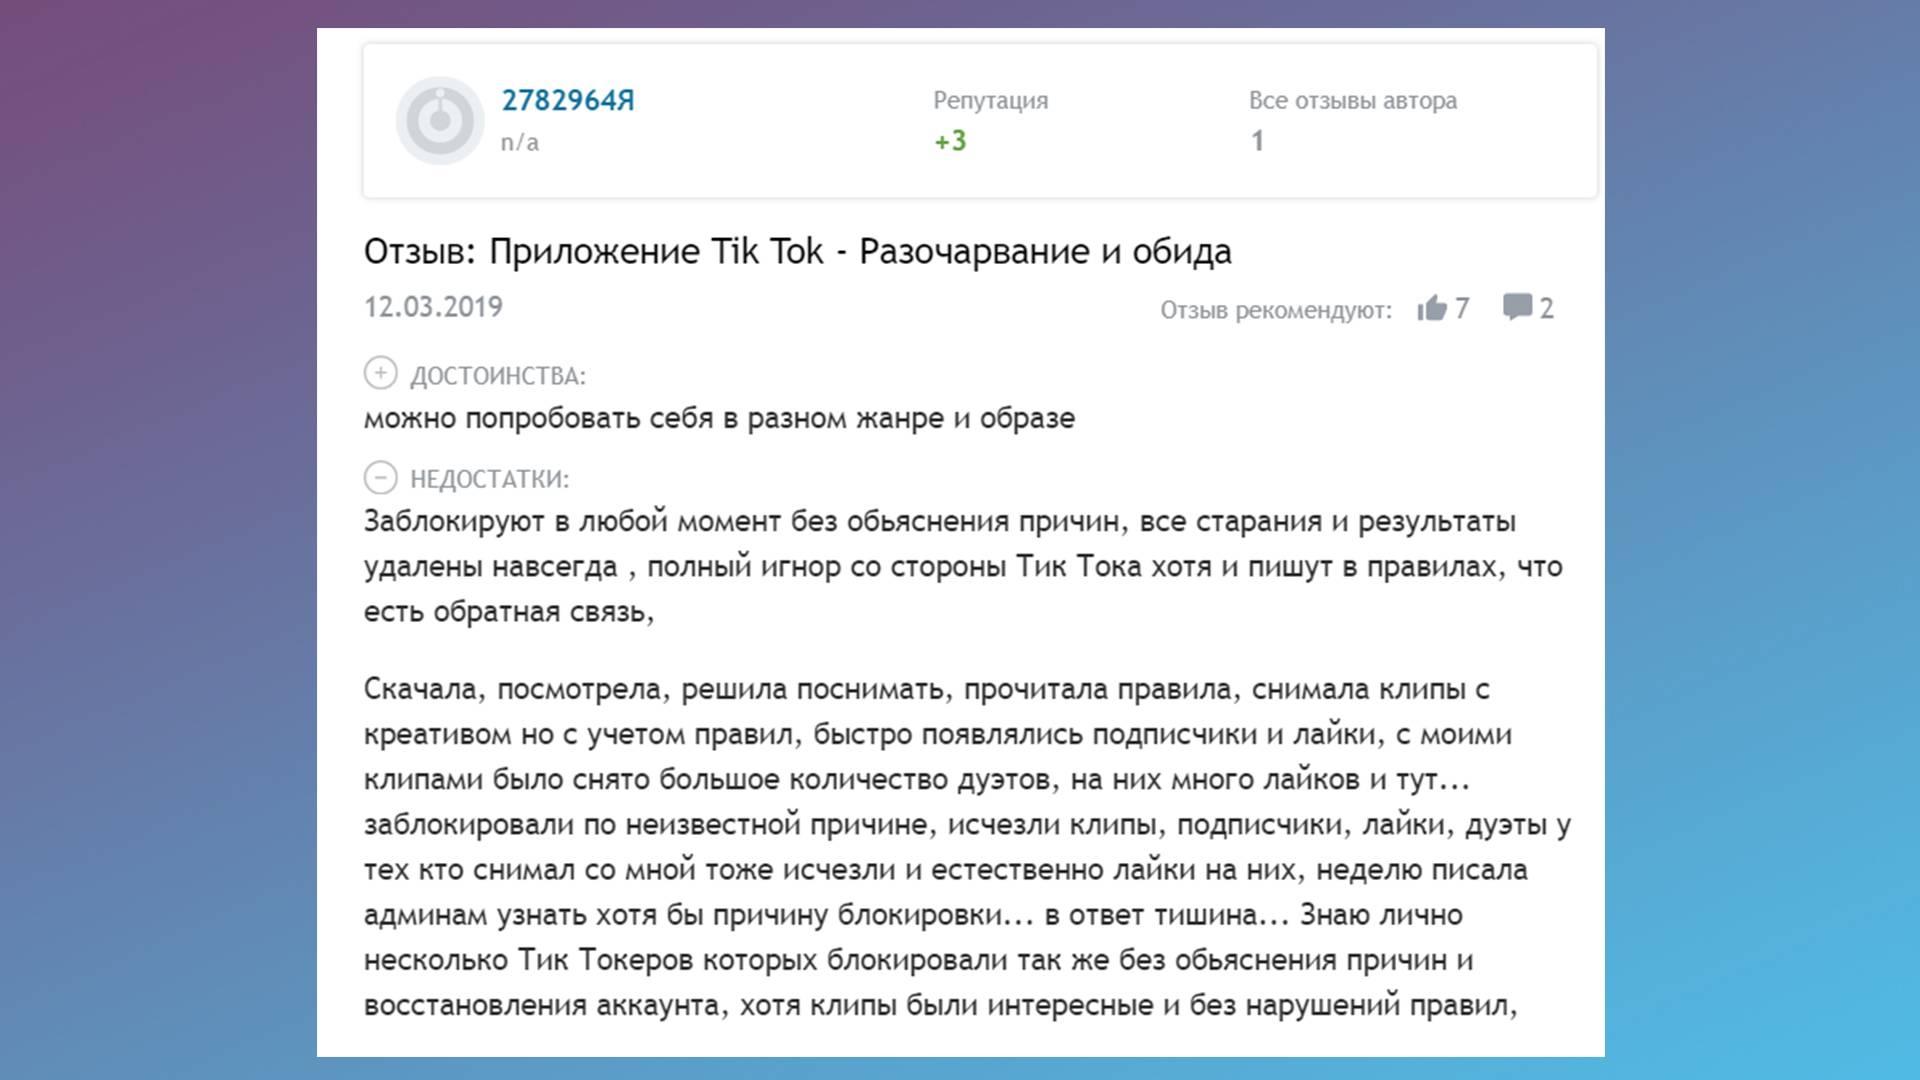 Правила тик тока на русском языке: что будет за нарушения